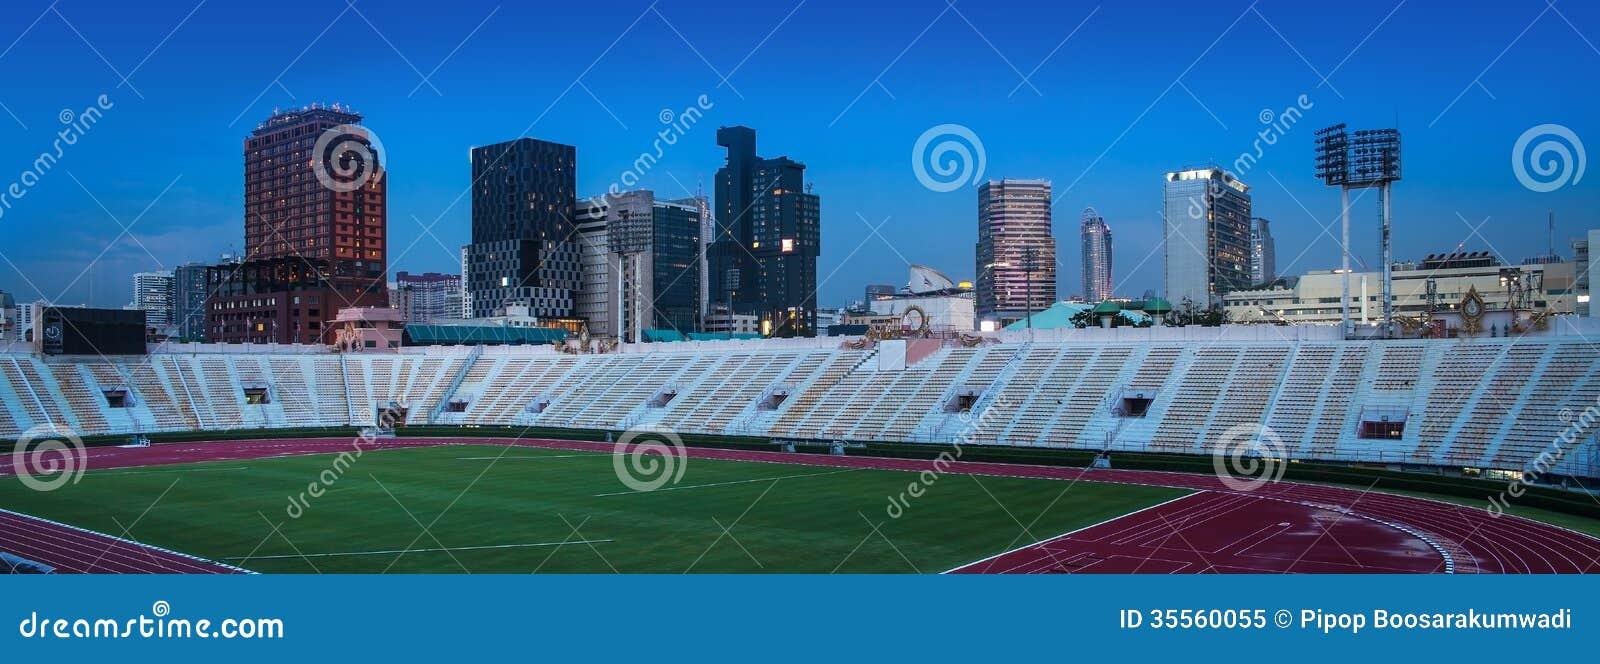 Cidade de AUrban com o estádio nacional de Tailândia, Banguecoque.